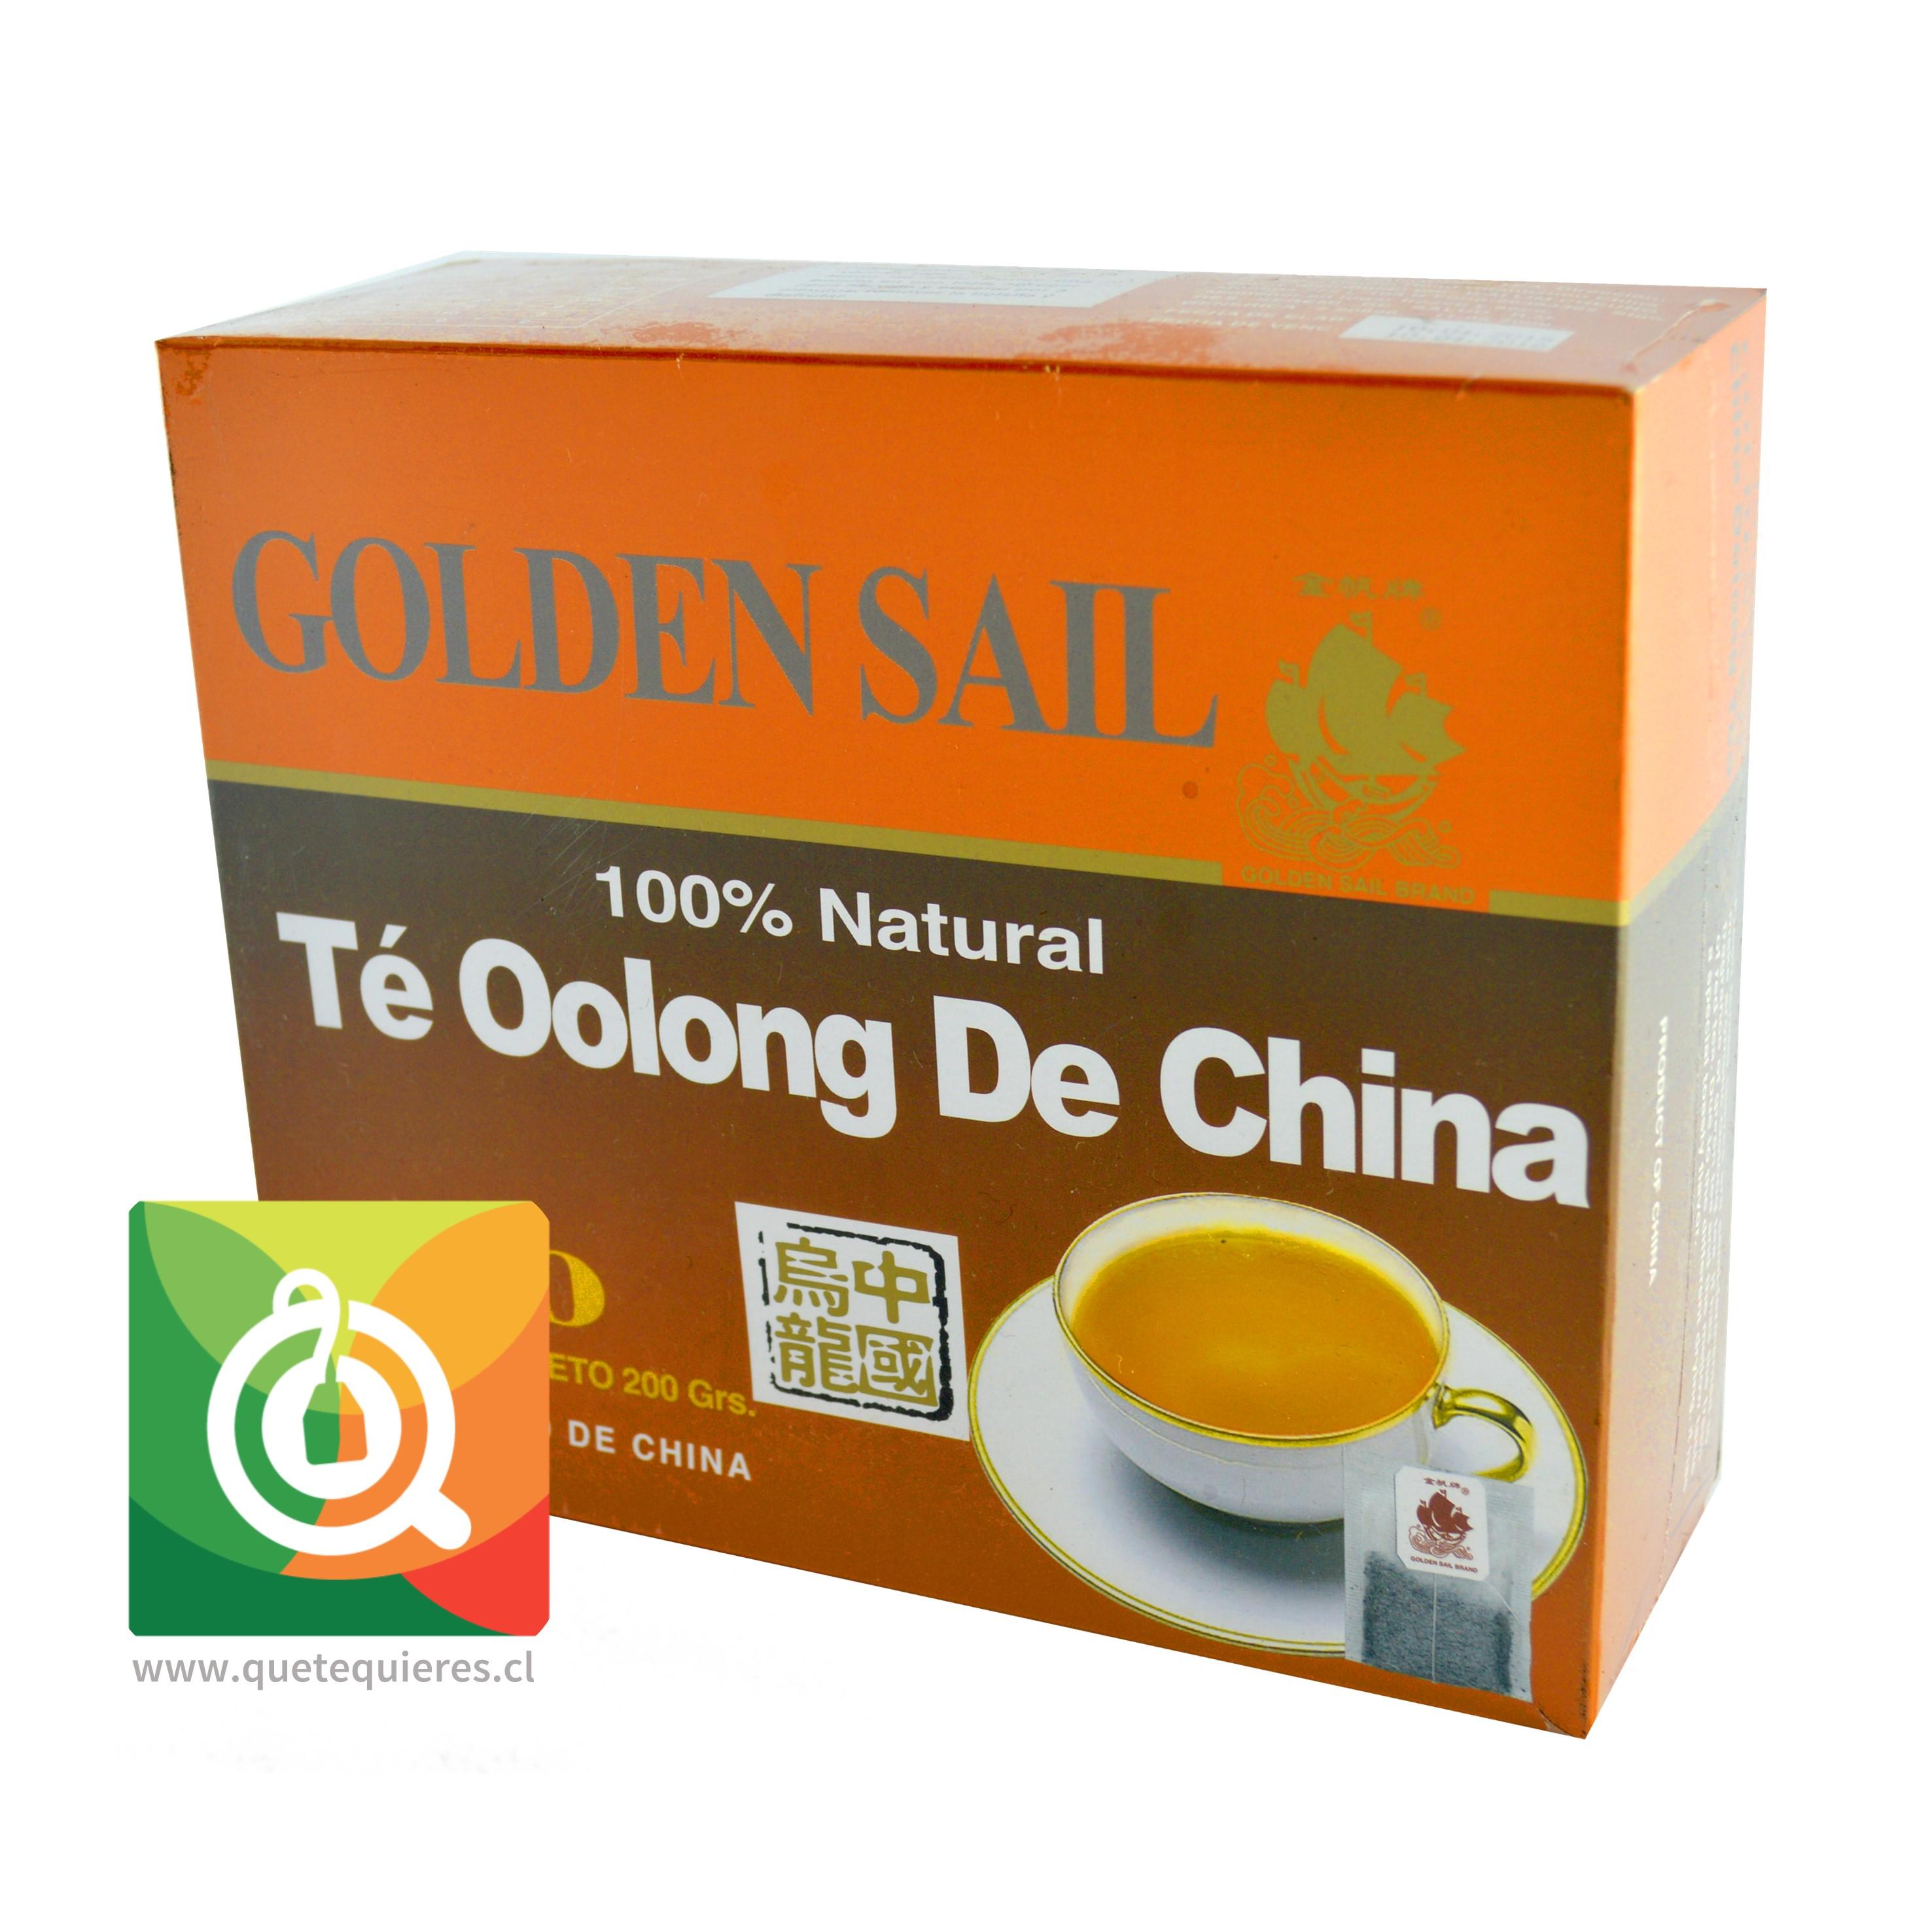 Golden Sail Té Oolong